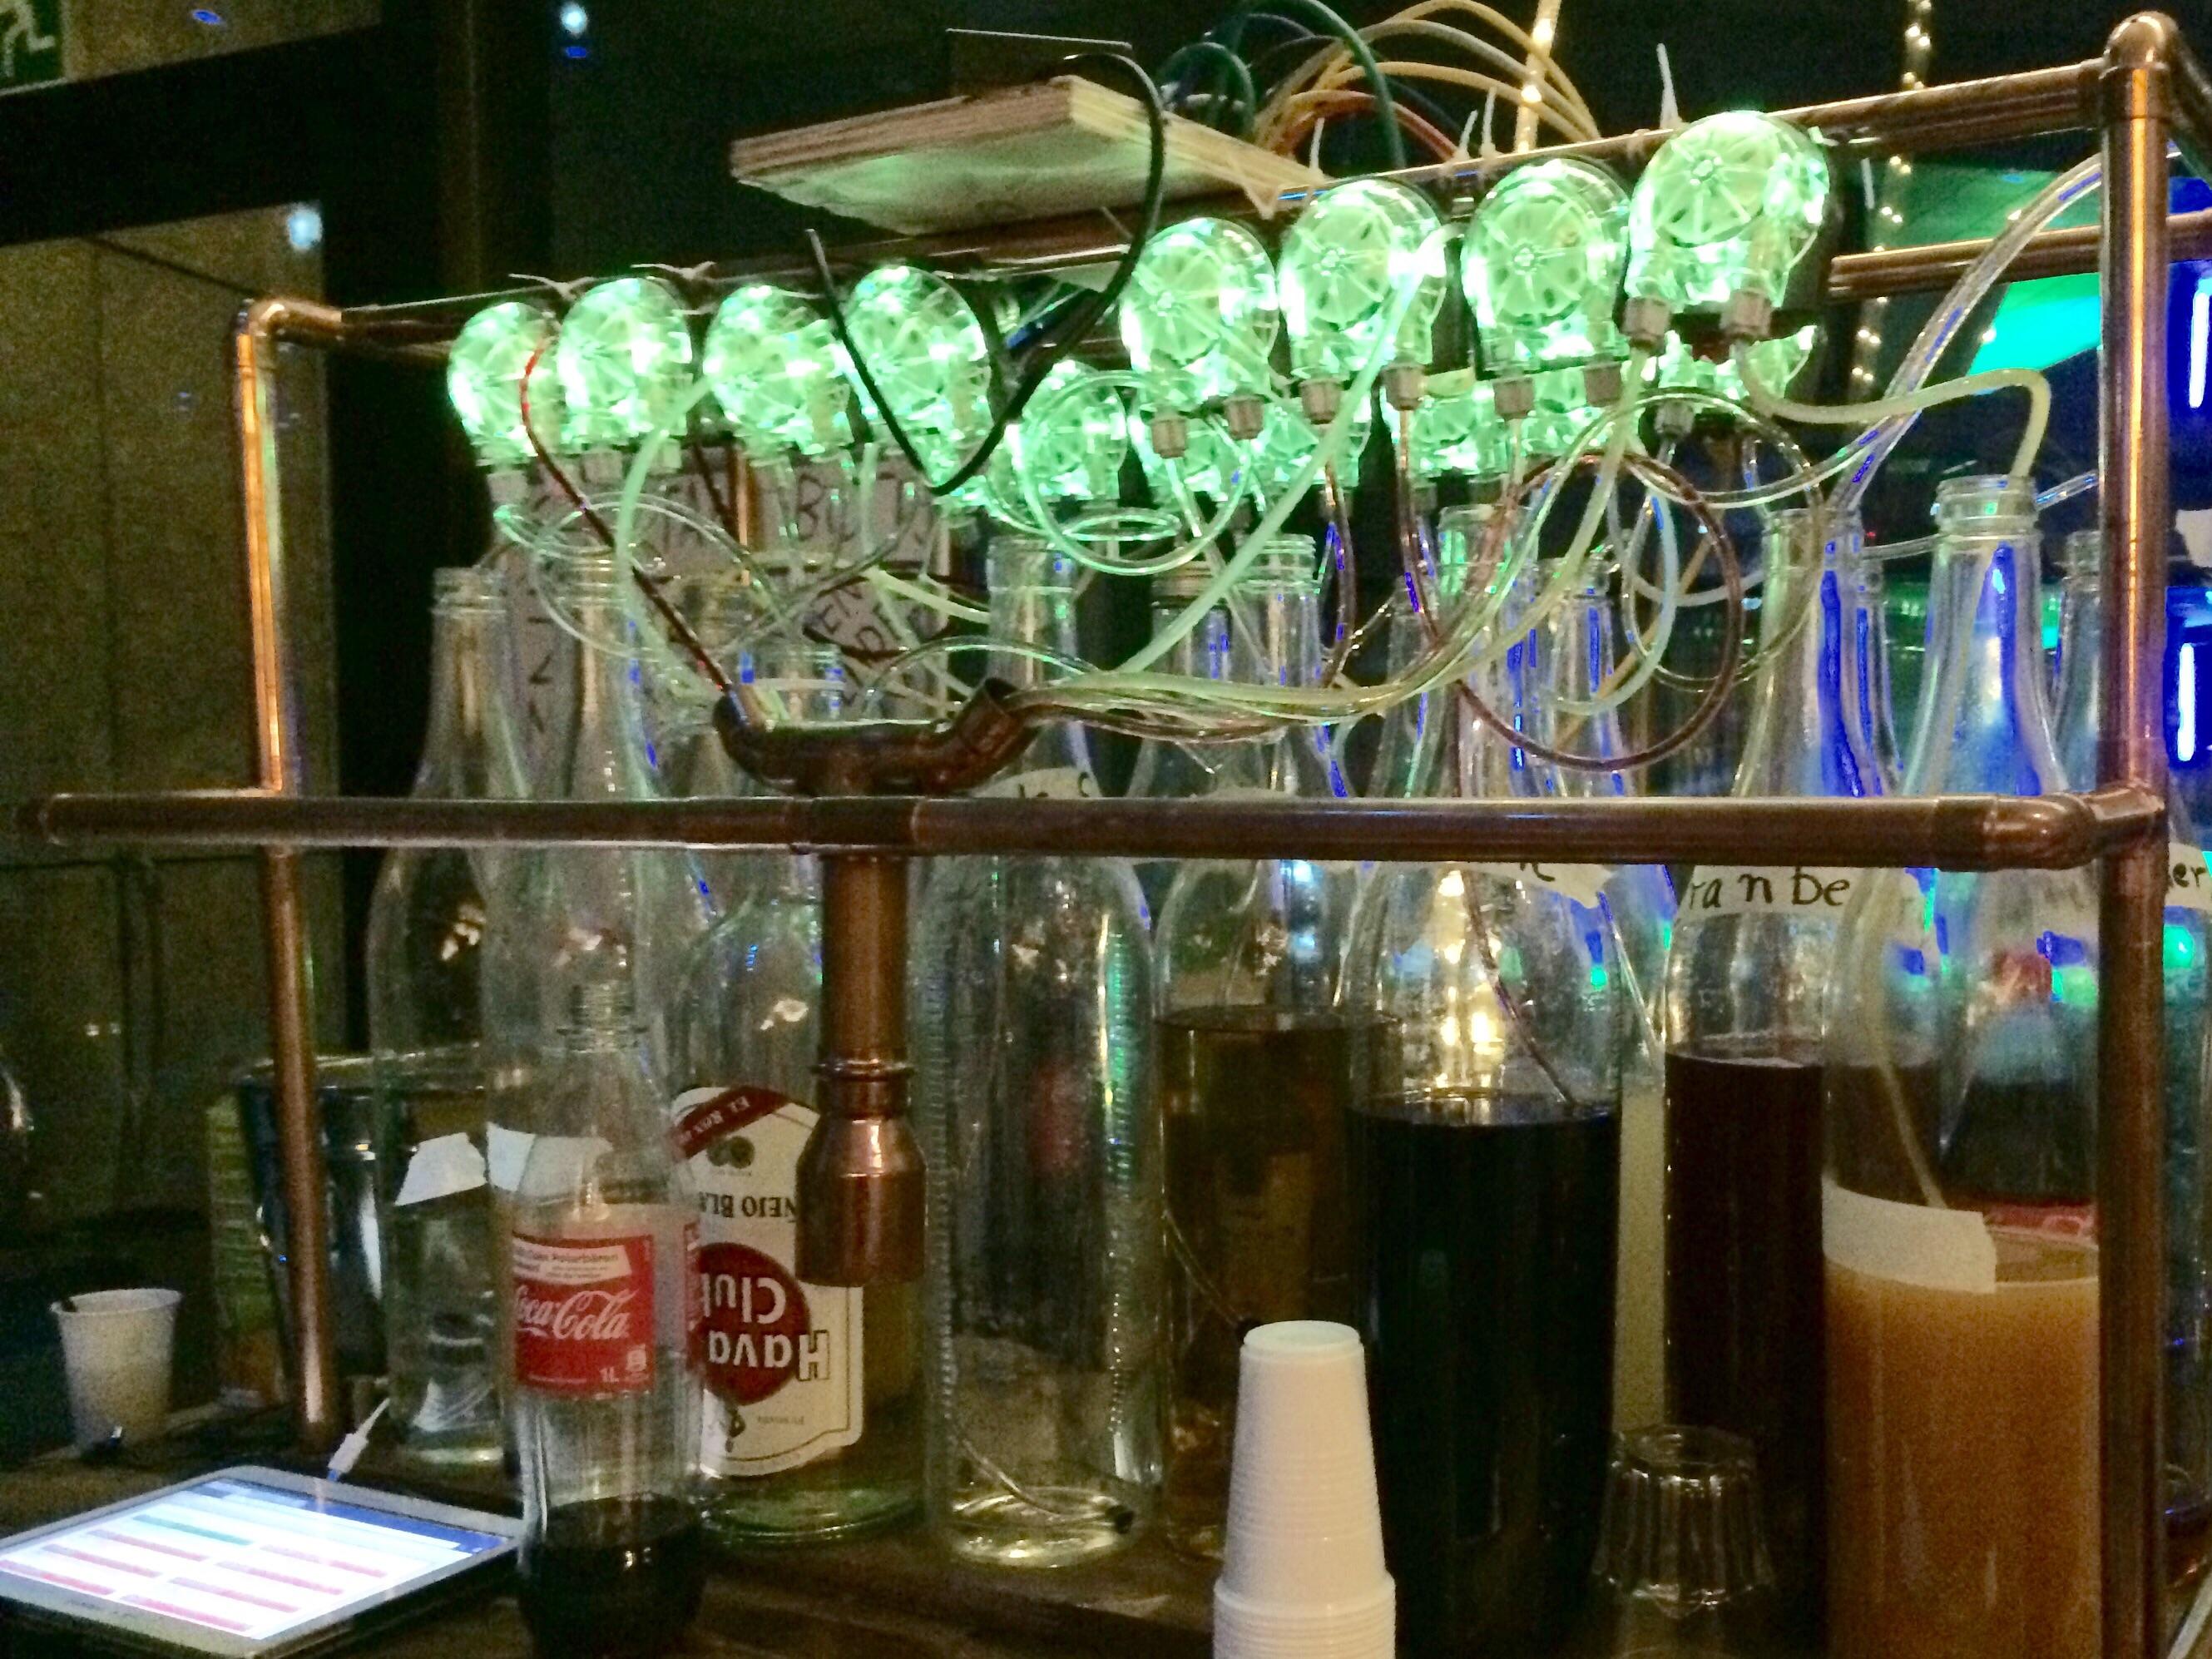 Cocktailroboter. Bild von Holger Klein / Stackenblochen.